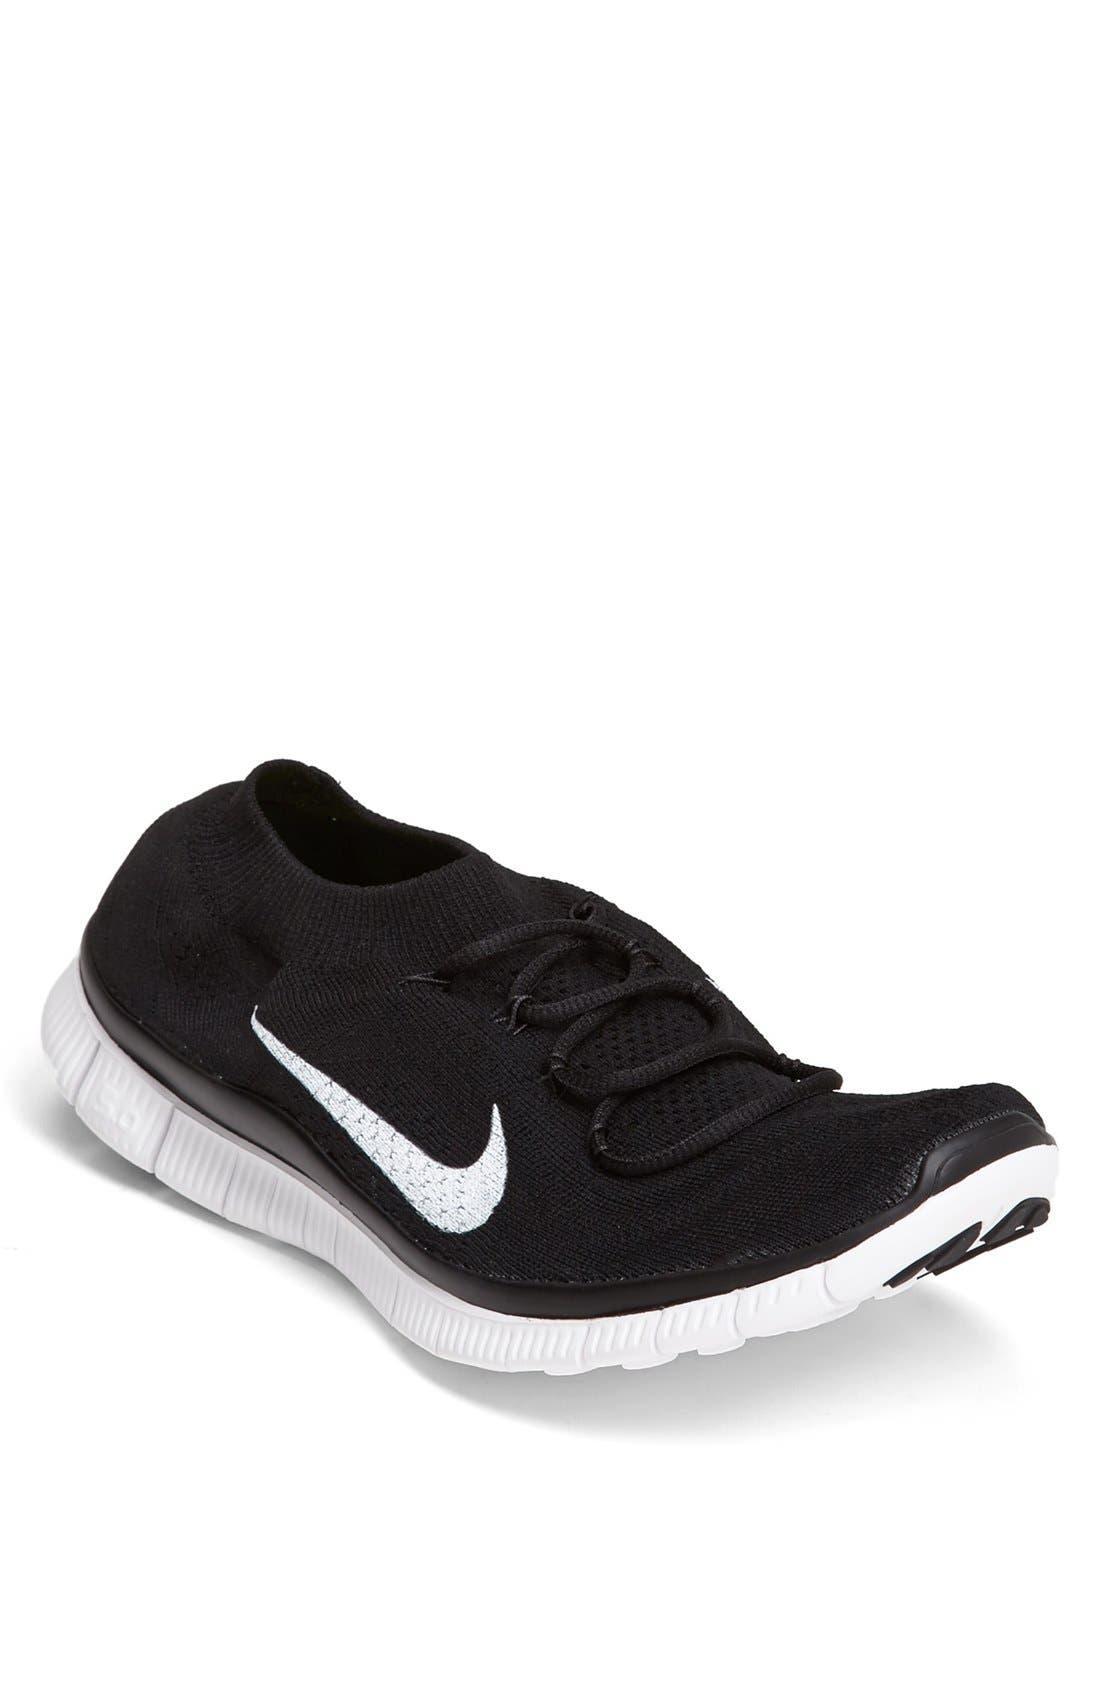 Alternate Image 1 Selected - Nike 'Free Flyknit+' Running Shoe (Men)